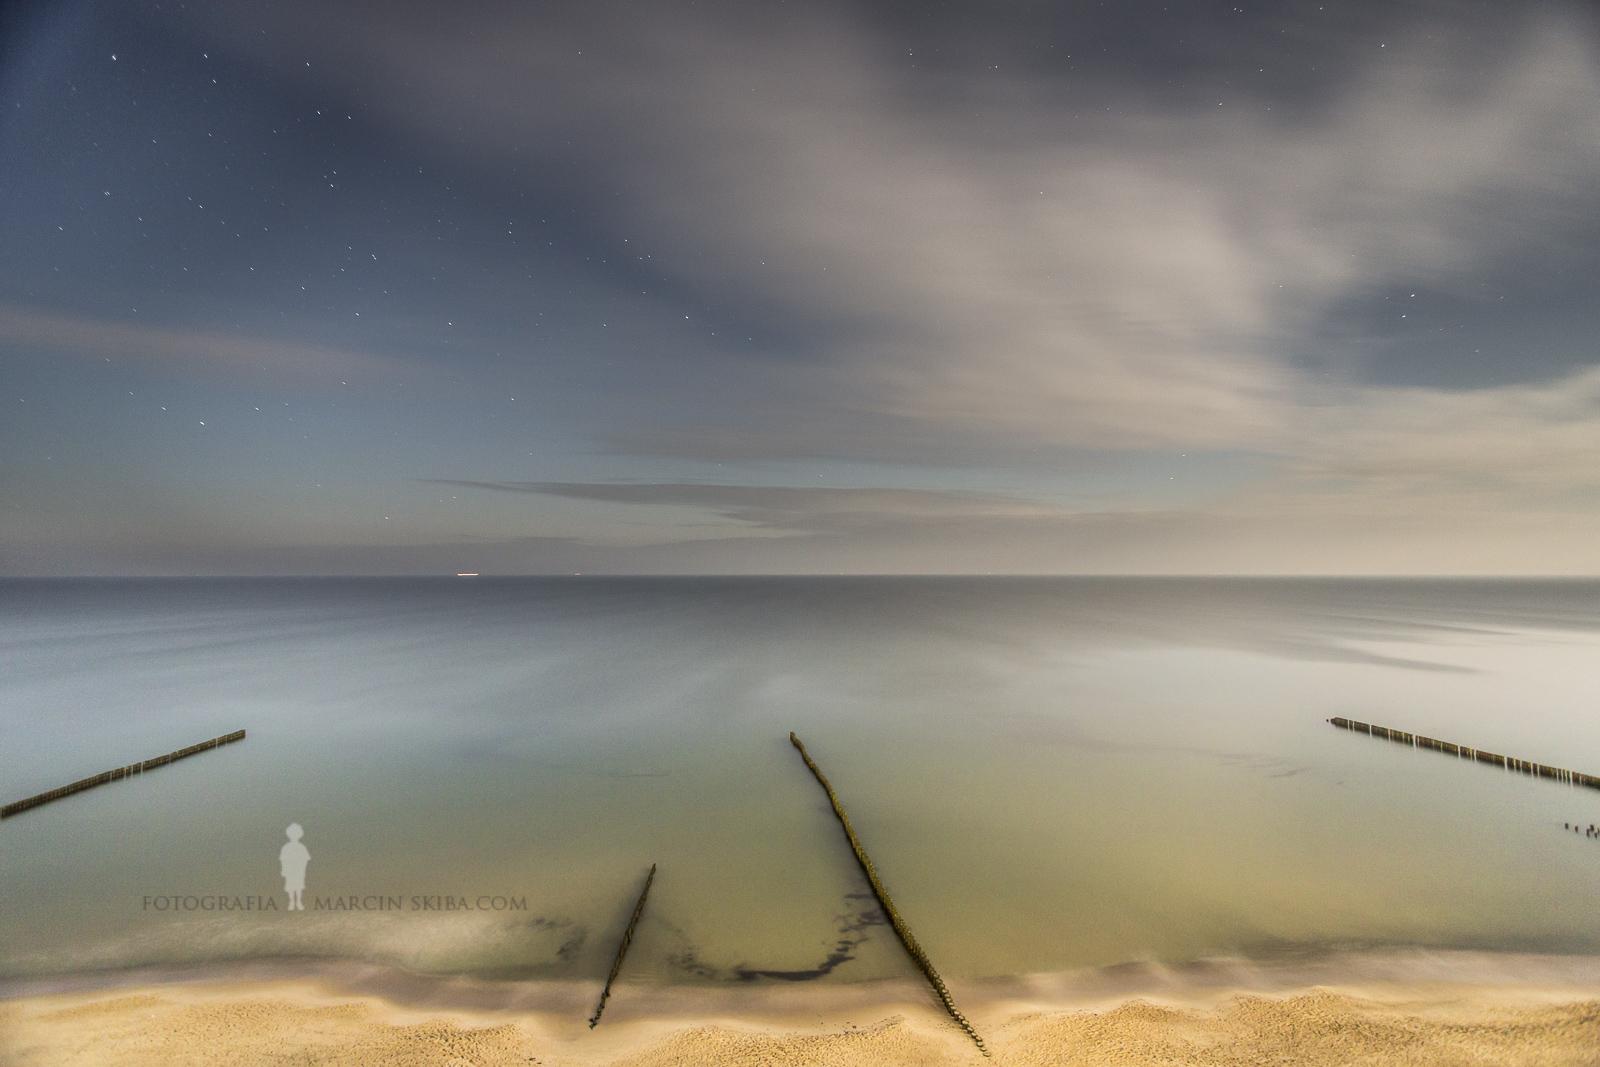 Bałtyk-Morze-Bałtyckie-Ustronie-Morskie-3